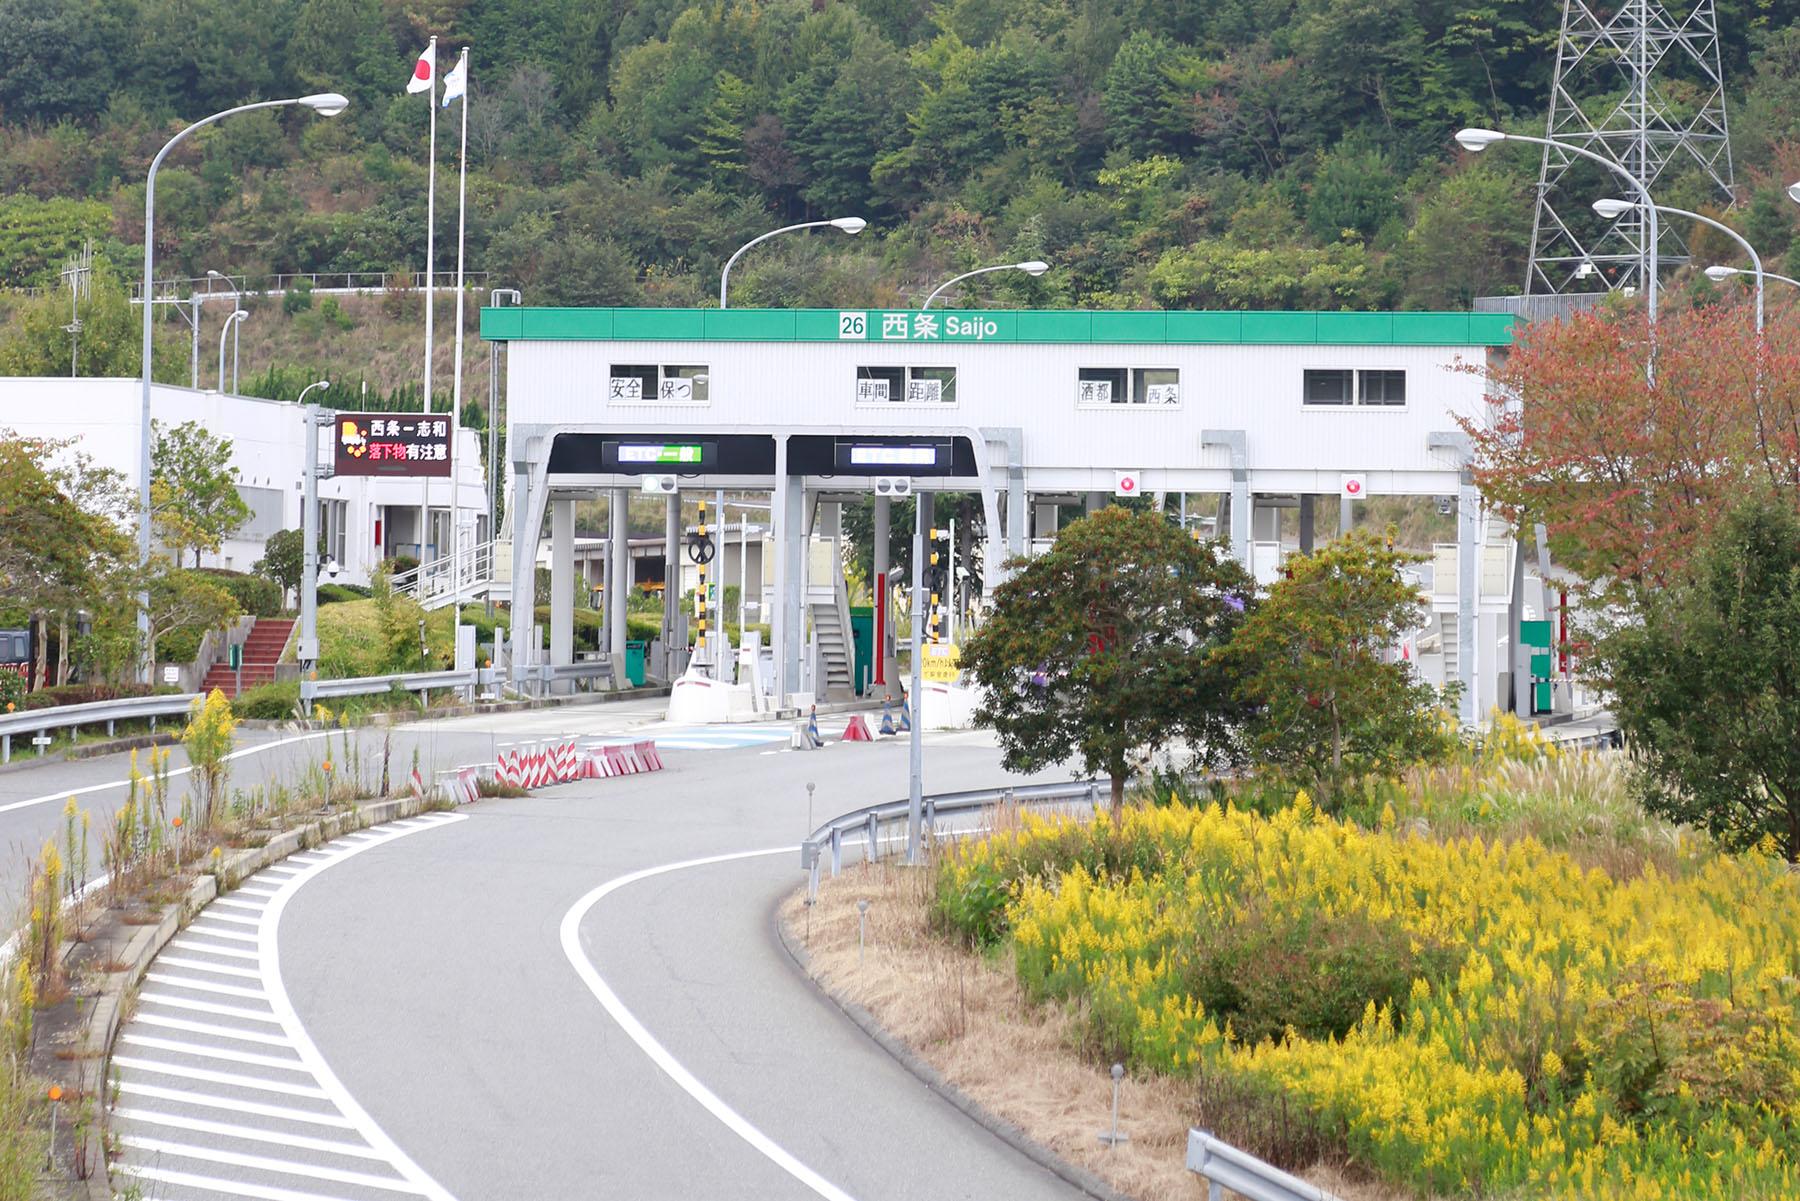 西条 IC が約7分で、広島方面へのアクセスにも便利